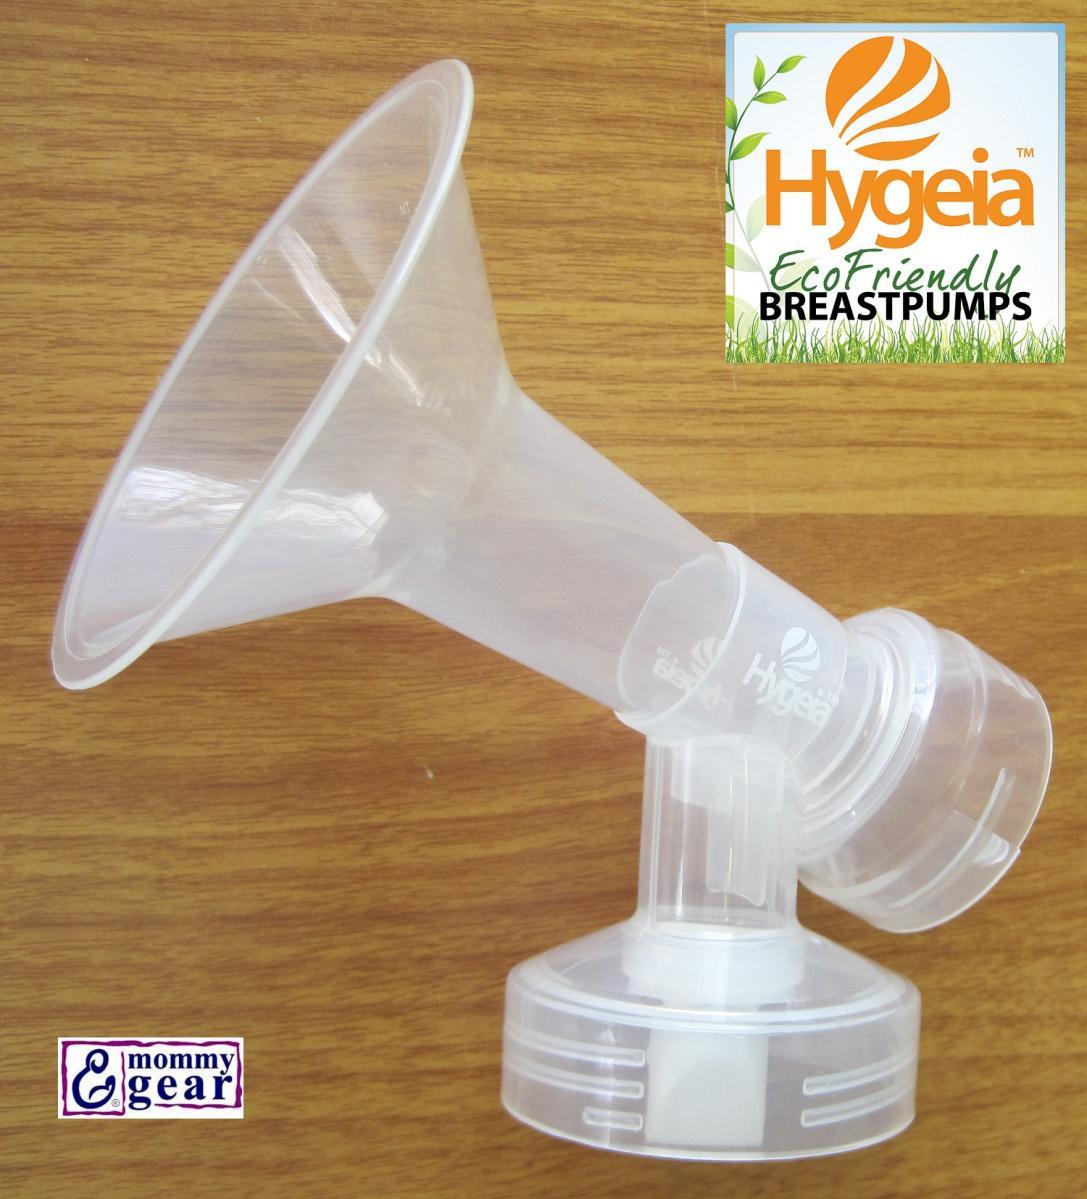 hygeia-flange-29.jpg